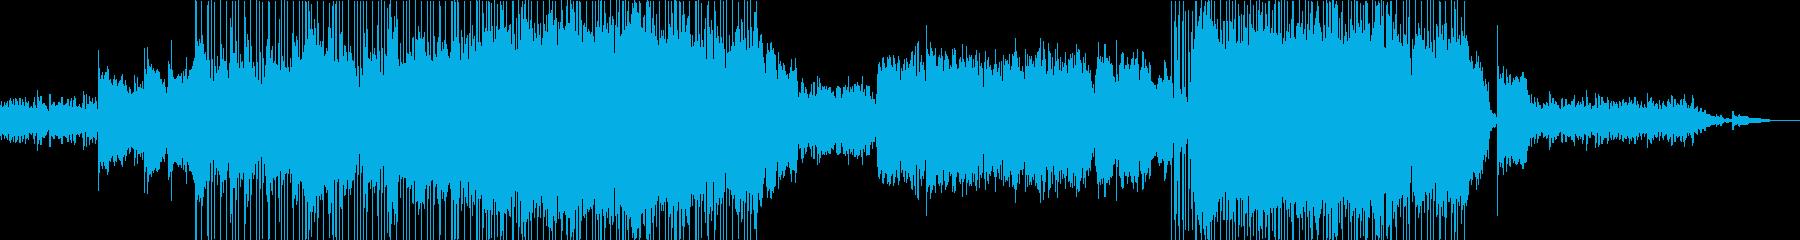 女性目線で告白するバラードナンバーの再生済みの波形